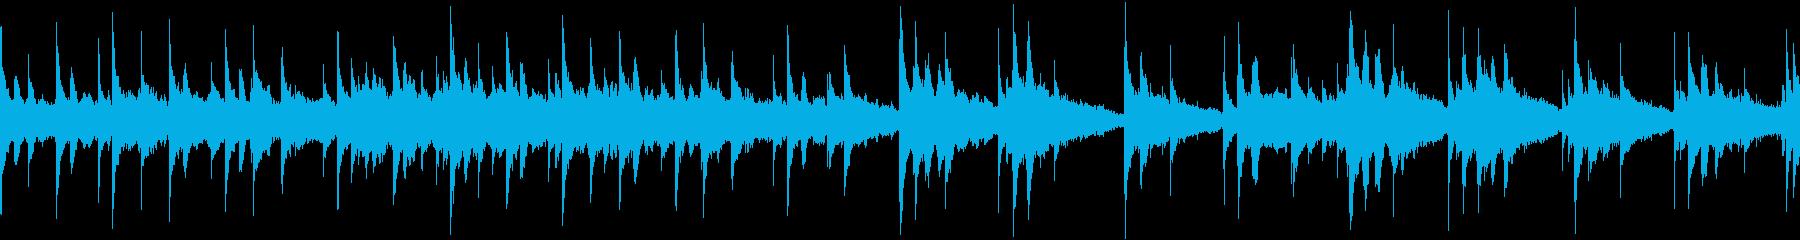 切ないオルゴール ループ仕様の再生済みの波形